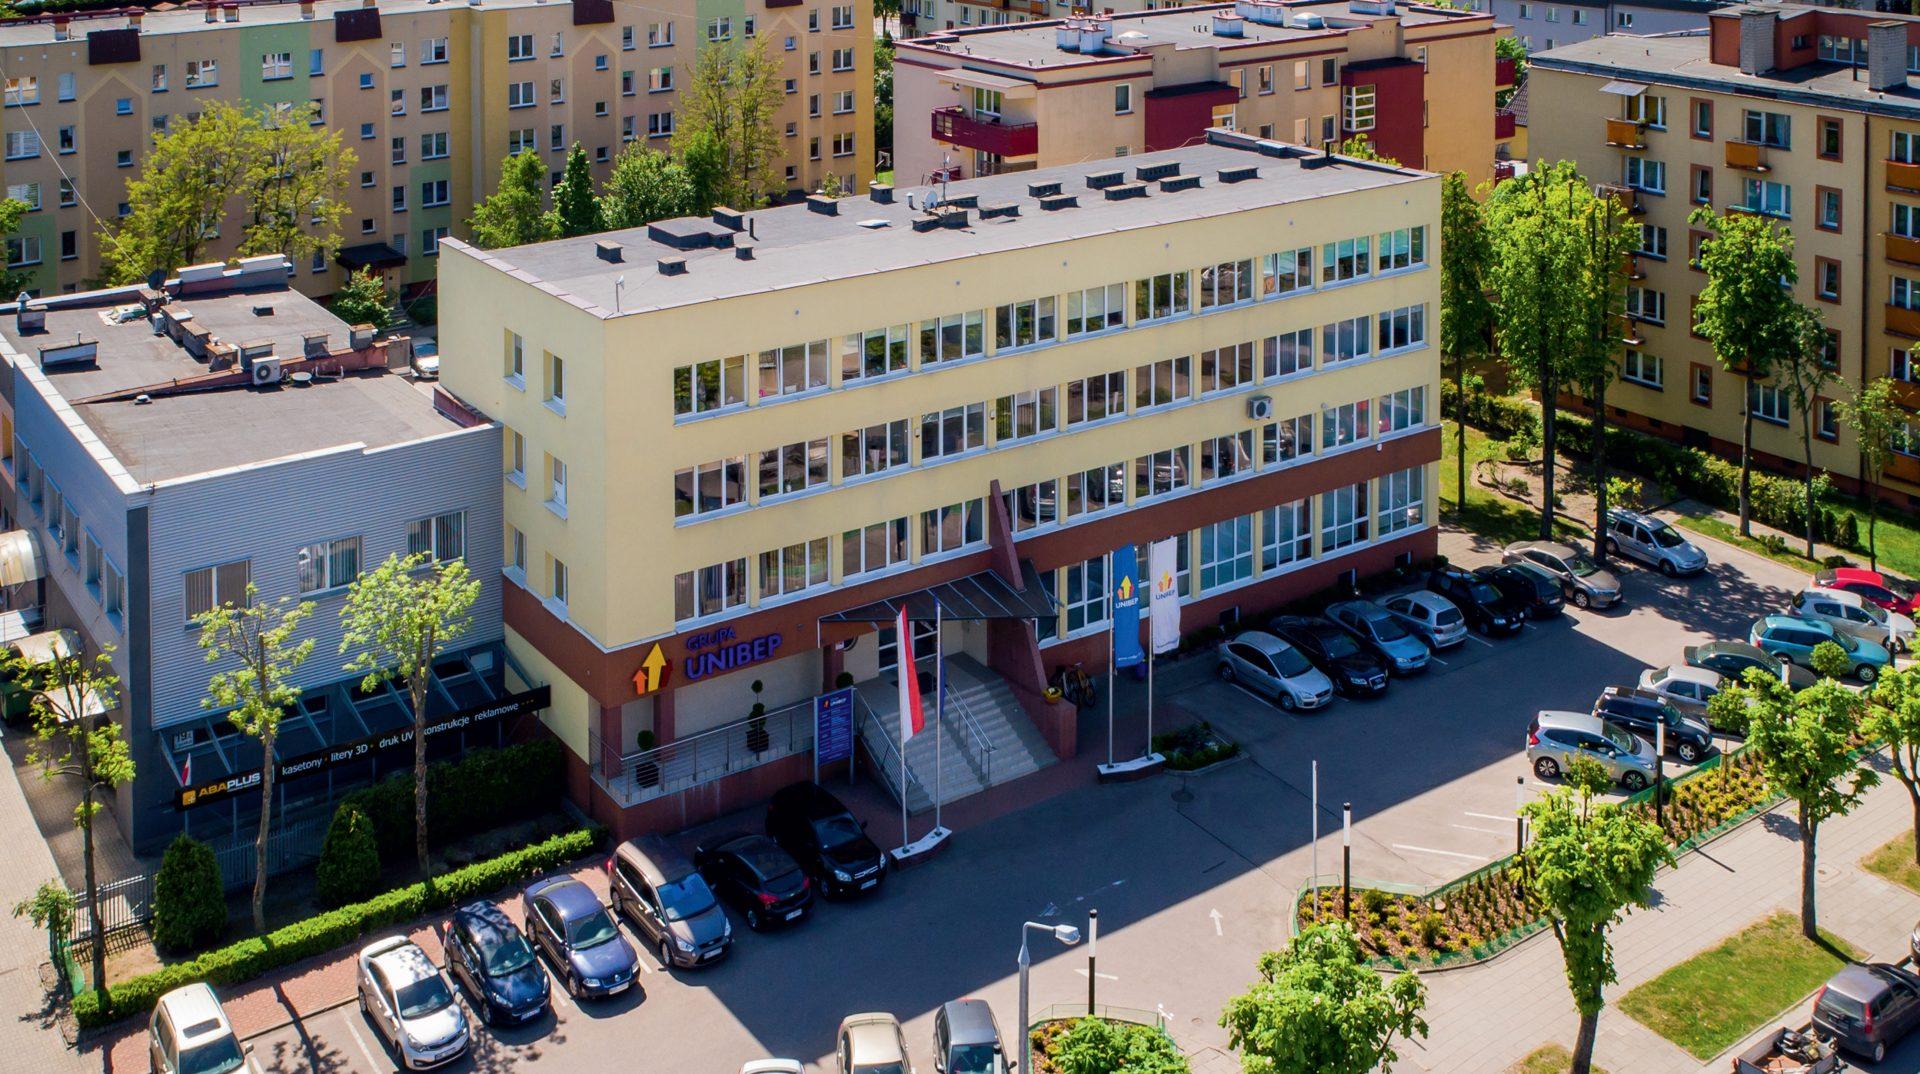 Główna siedziba Unibep SA w Bielsku Podlaskim